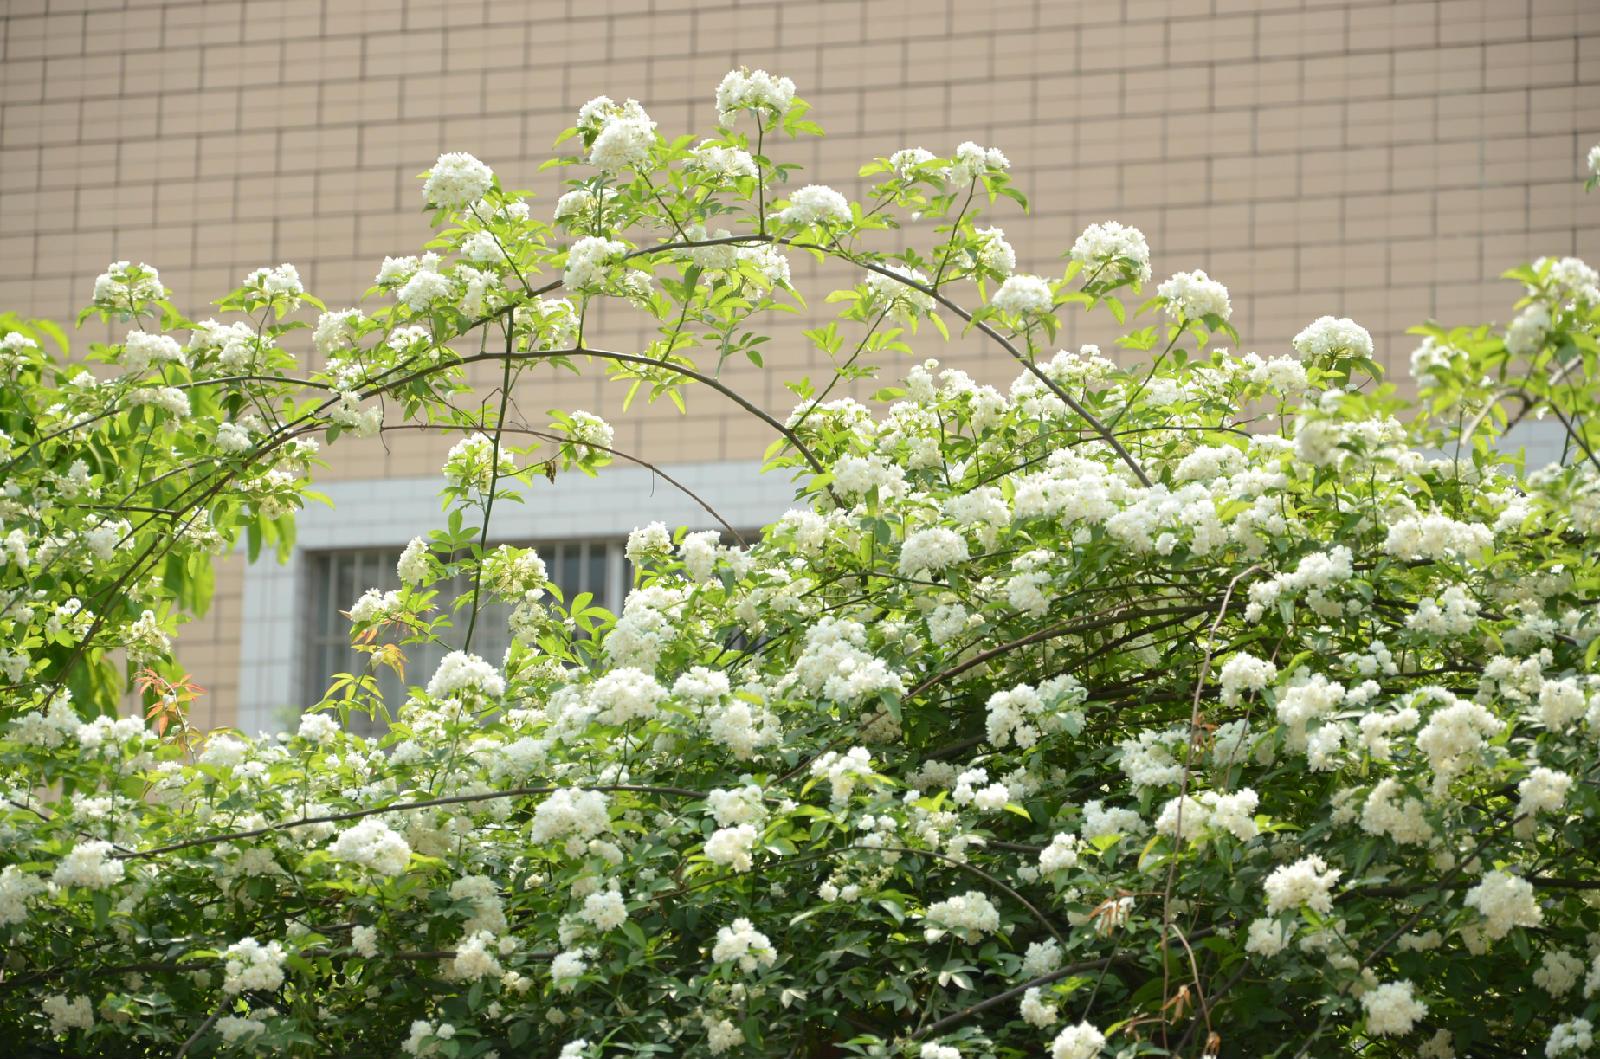 近小学围栏上的七里香花儿盛放了-七里香花 七里香花怎么养 七里香